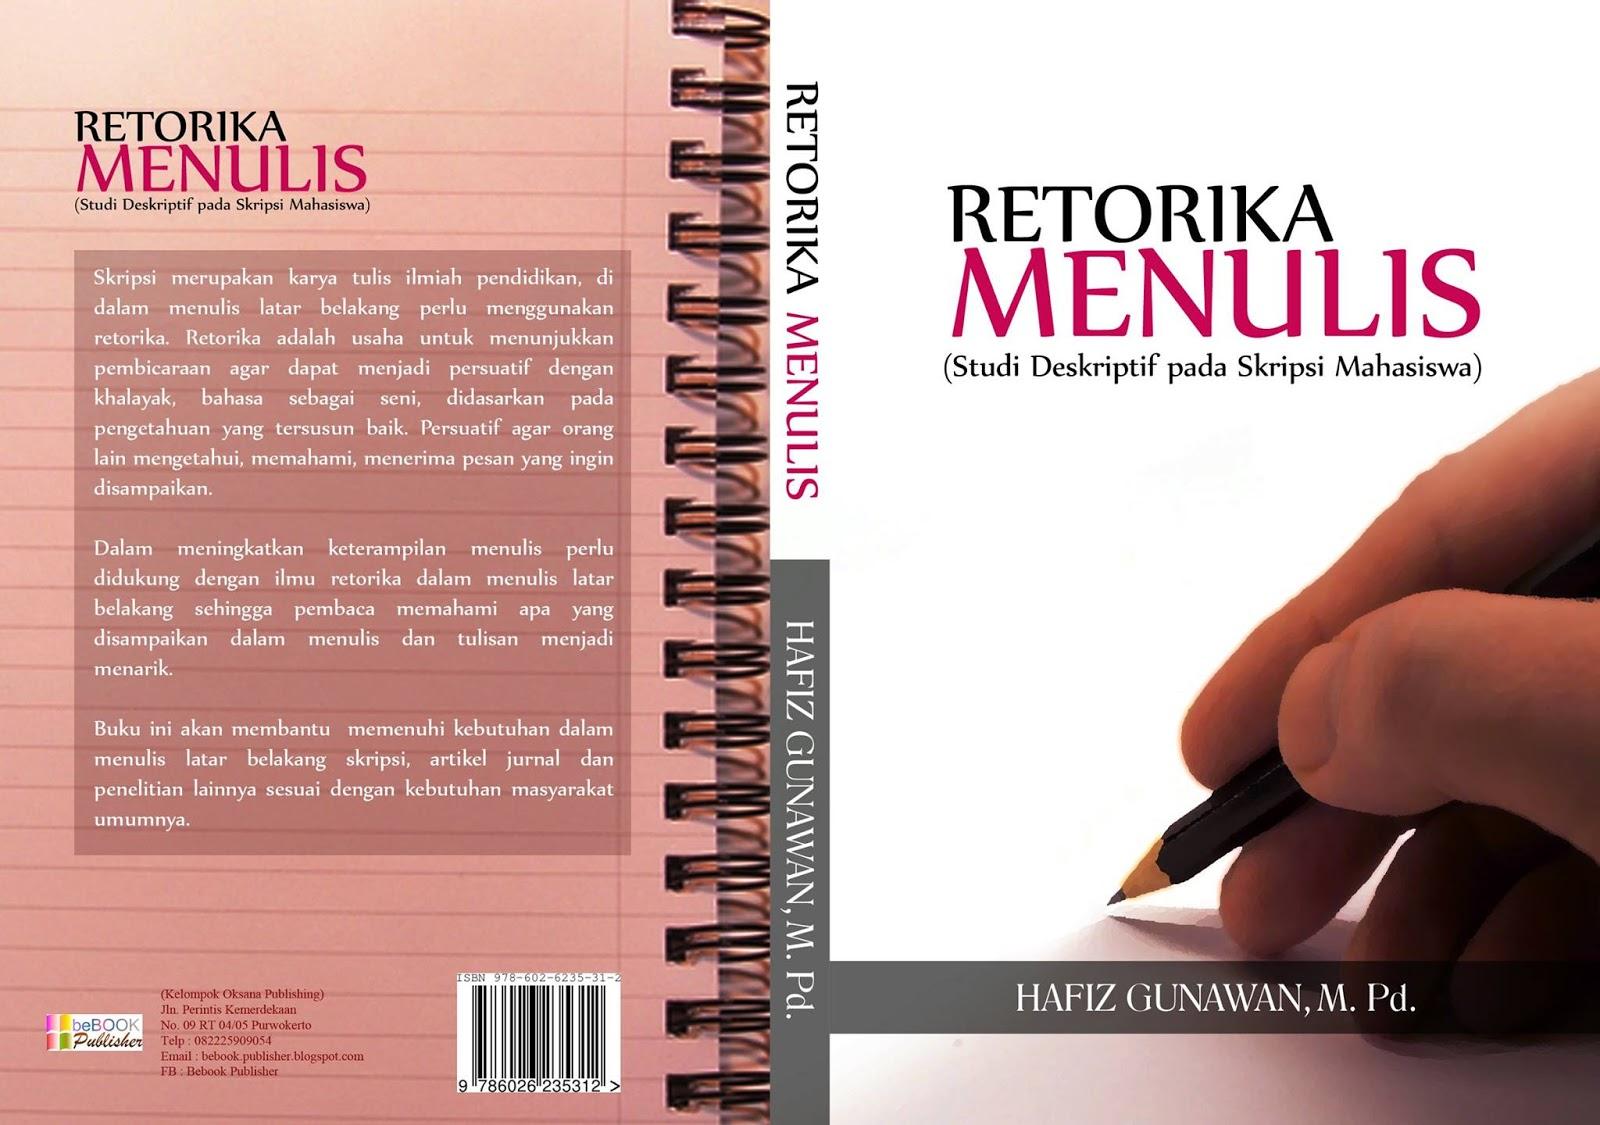 Retorika Menulis Studi Deskriptif Pada Skripsi Mahasiswa Bebook